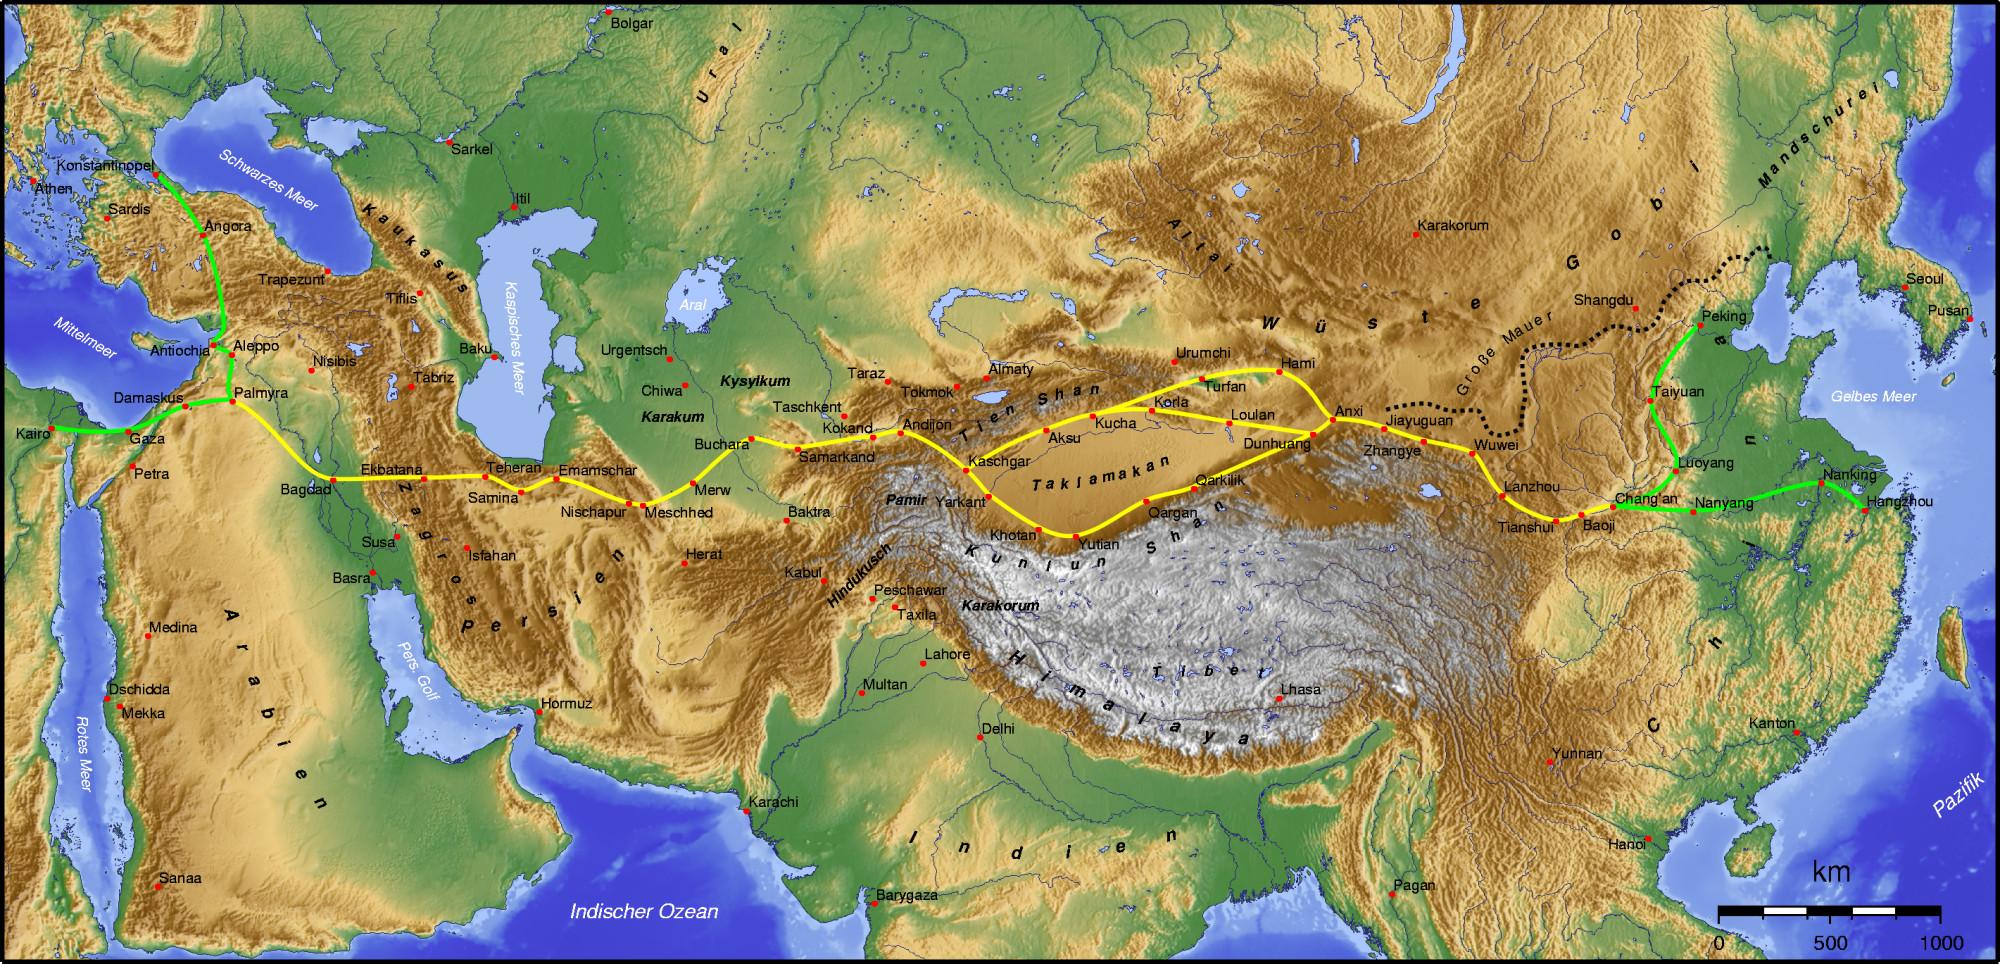 Seidenstrasse interkontinental